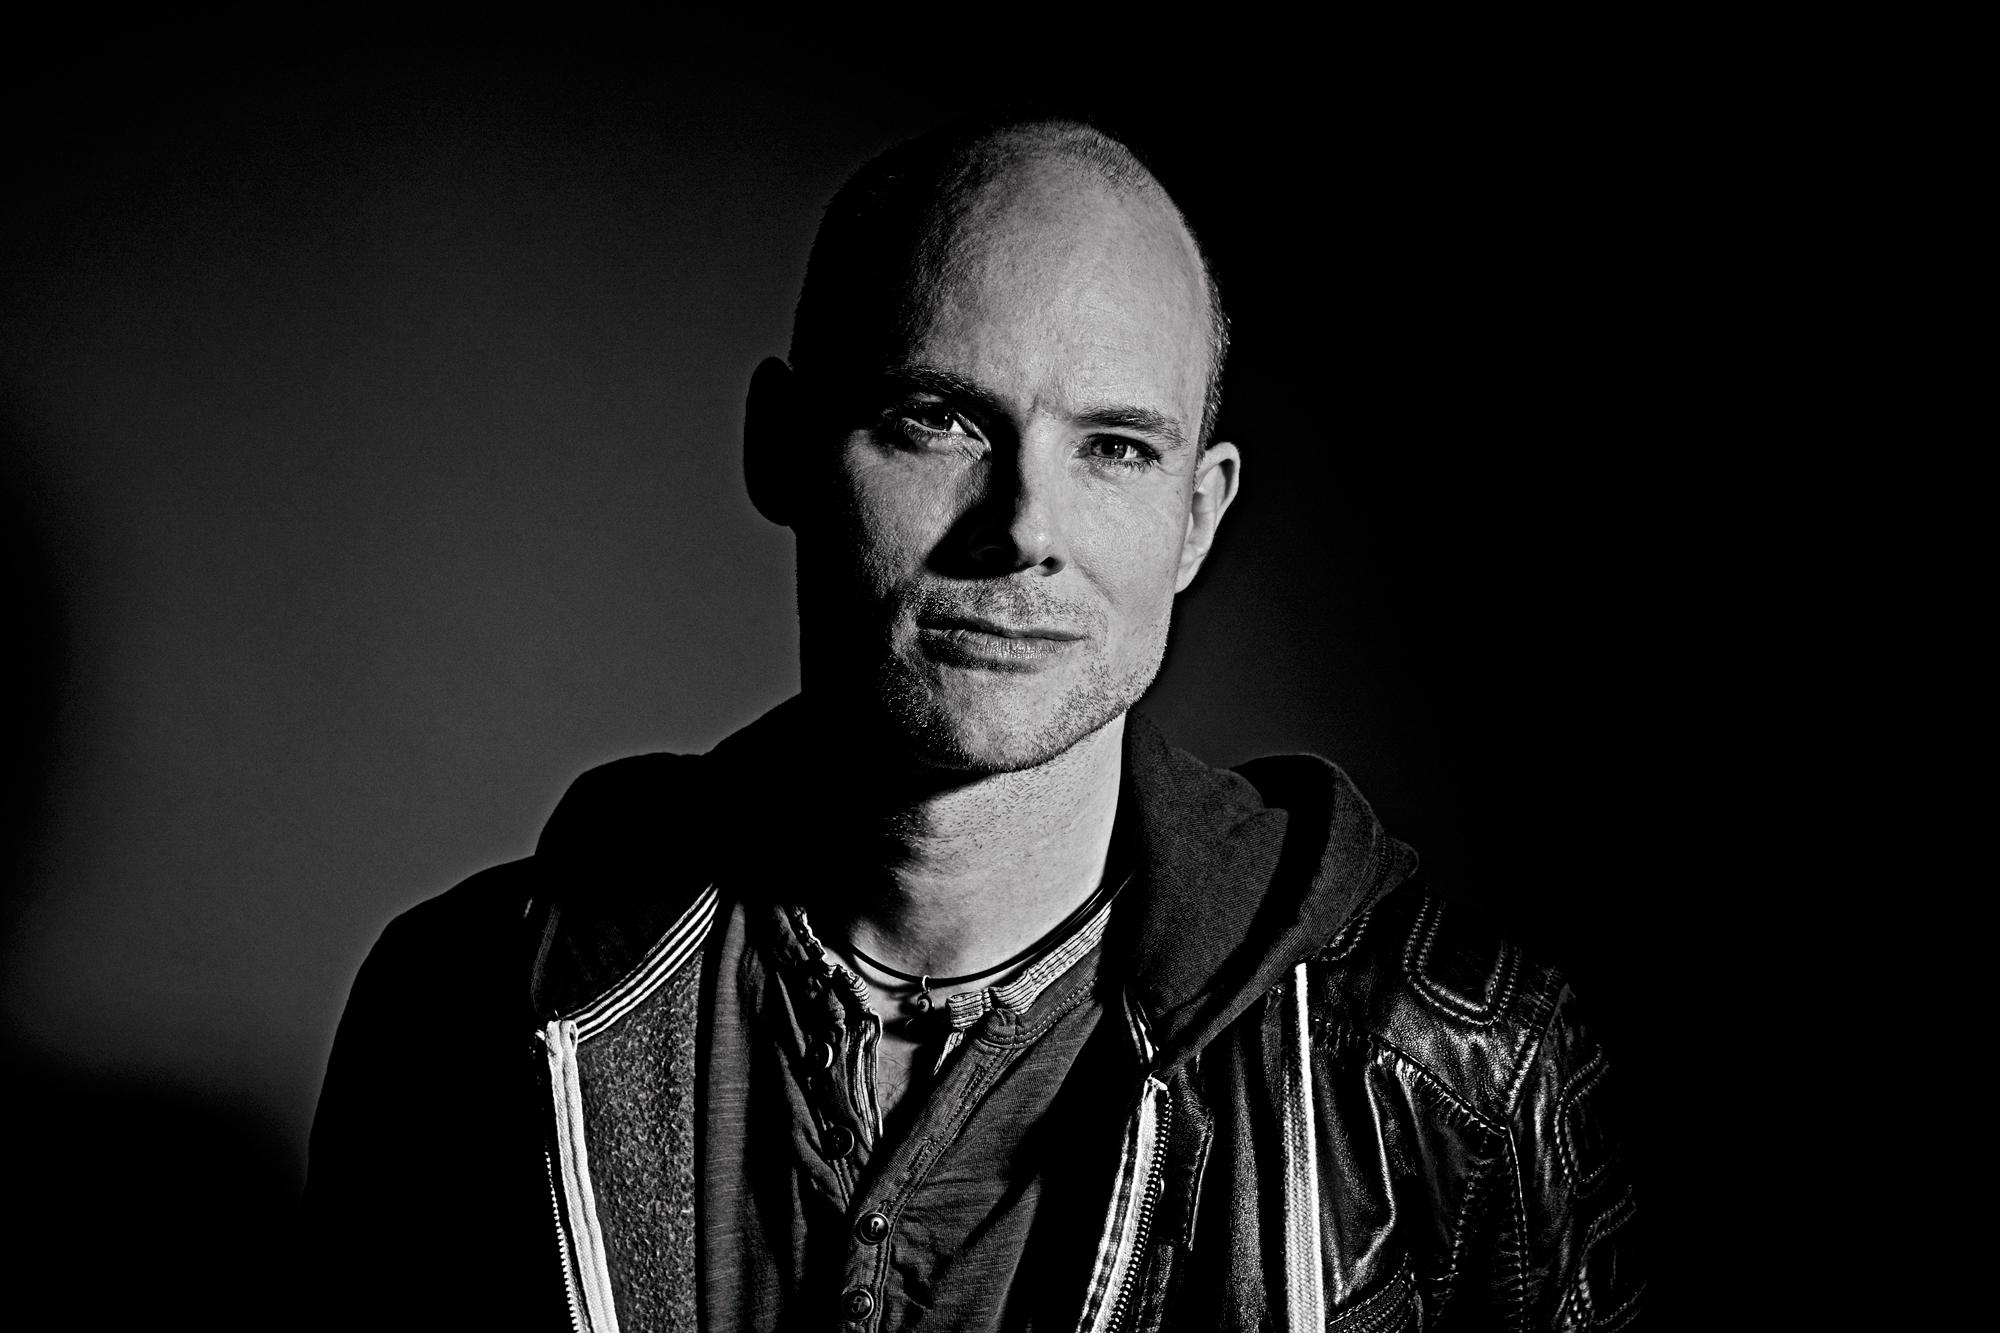 Lars - Photo: Markus Jäger